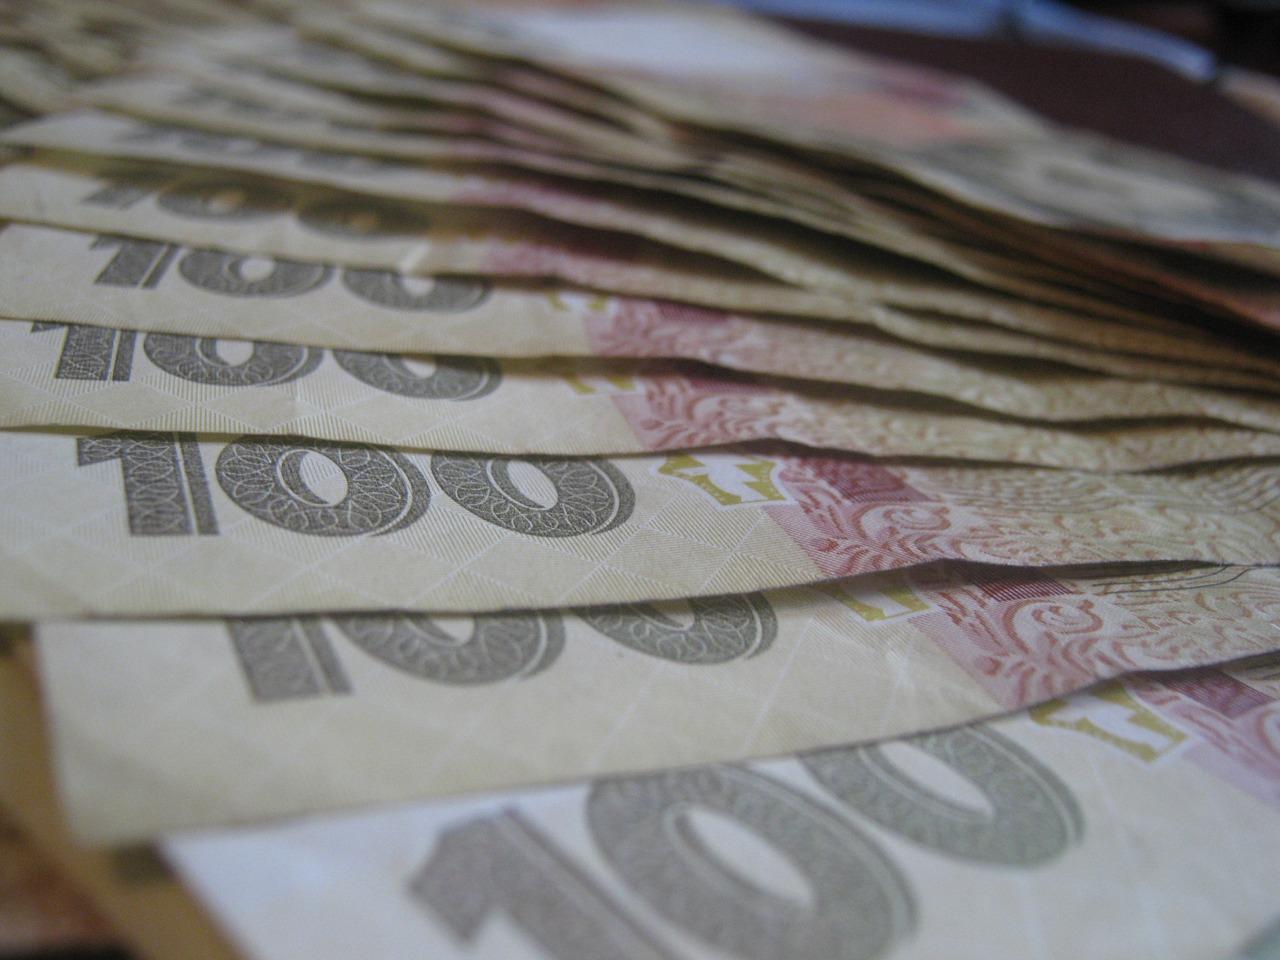 Державний борг України в серпні знизився на 16,9 млрд гривень